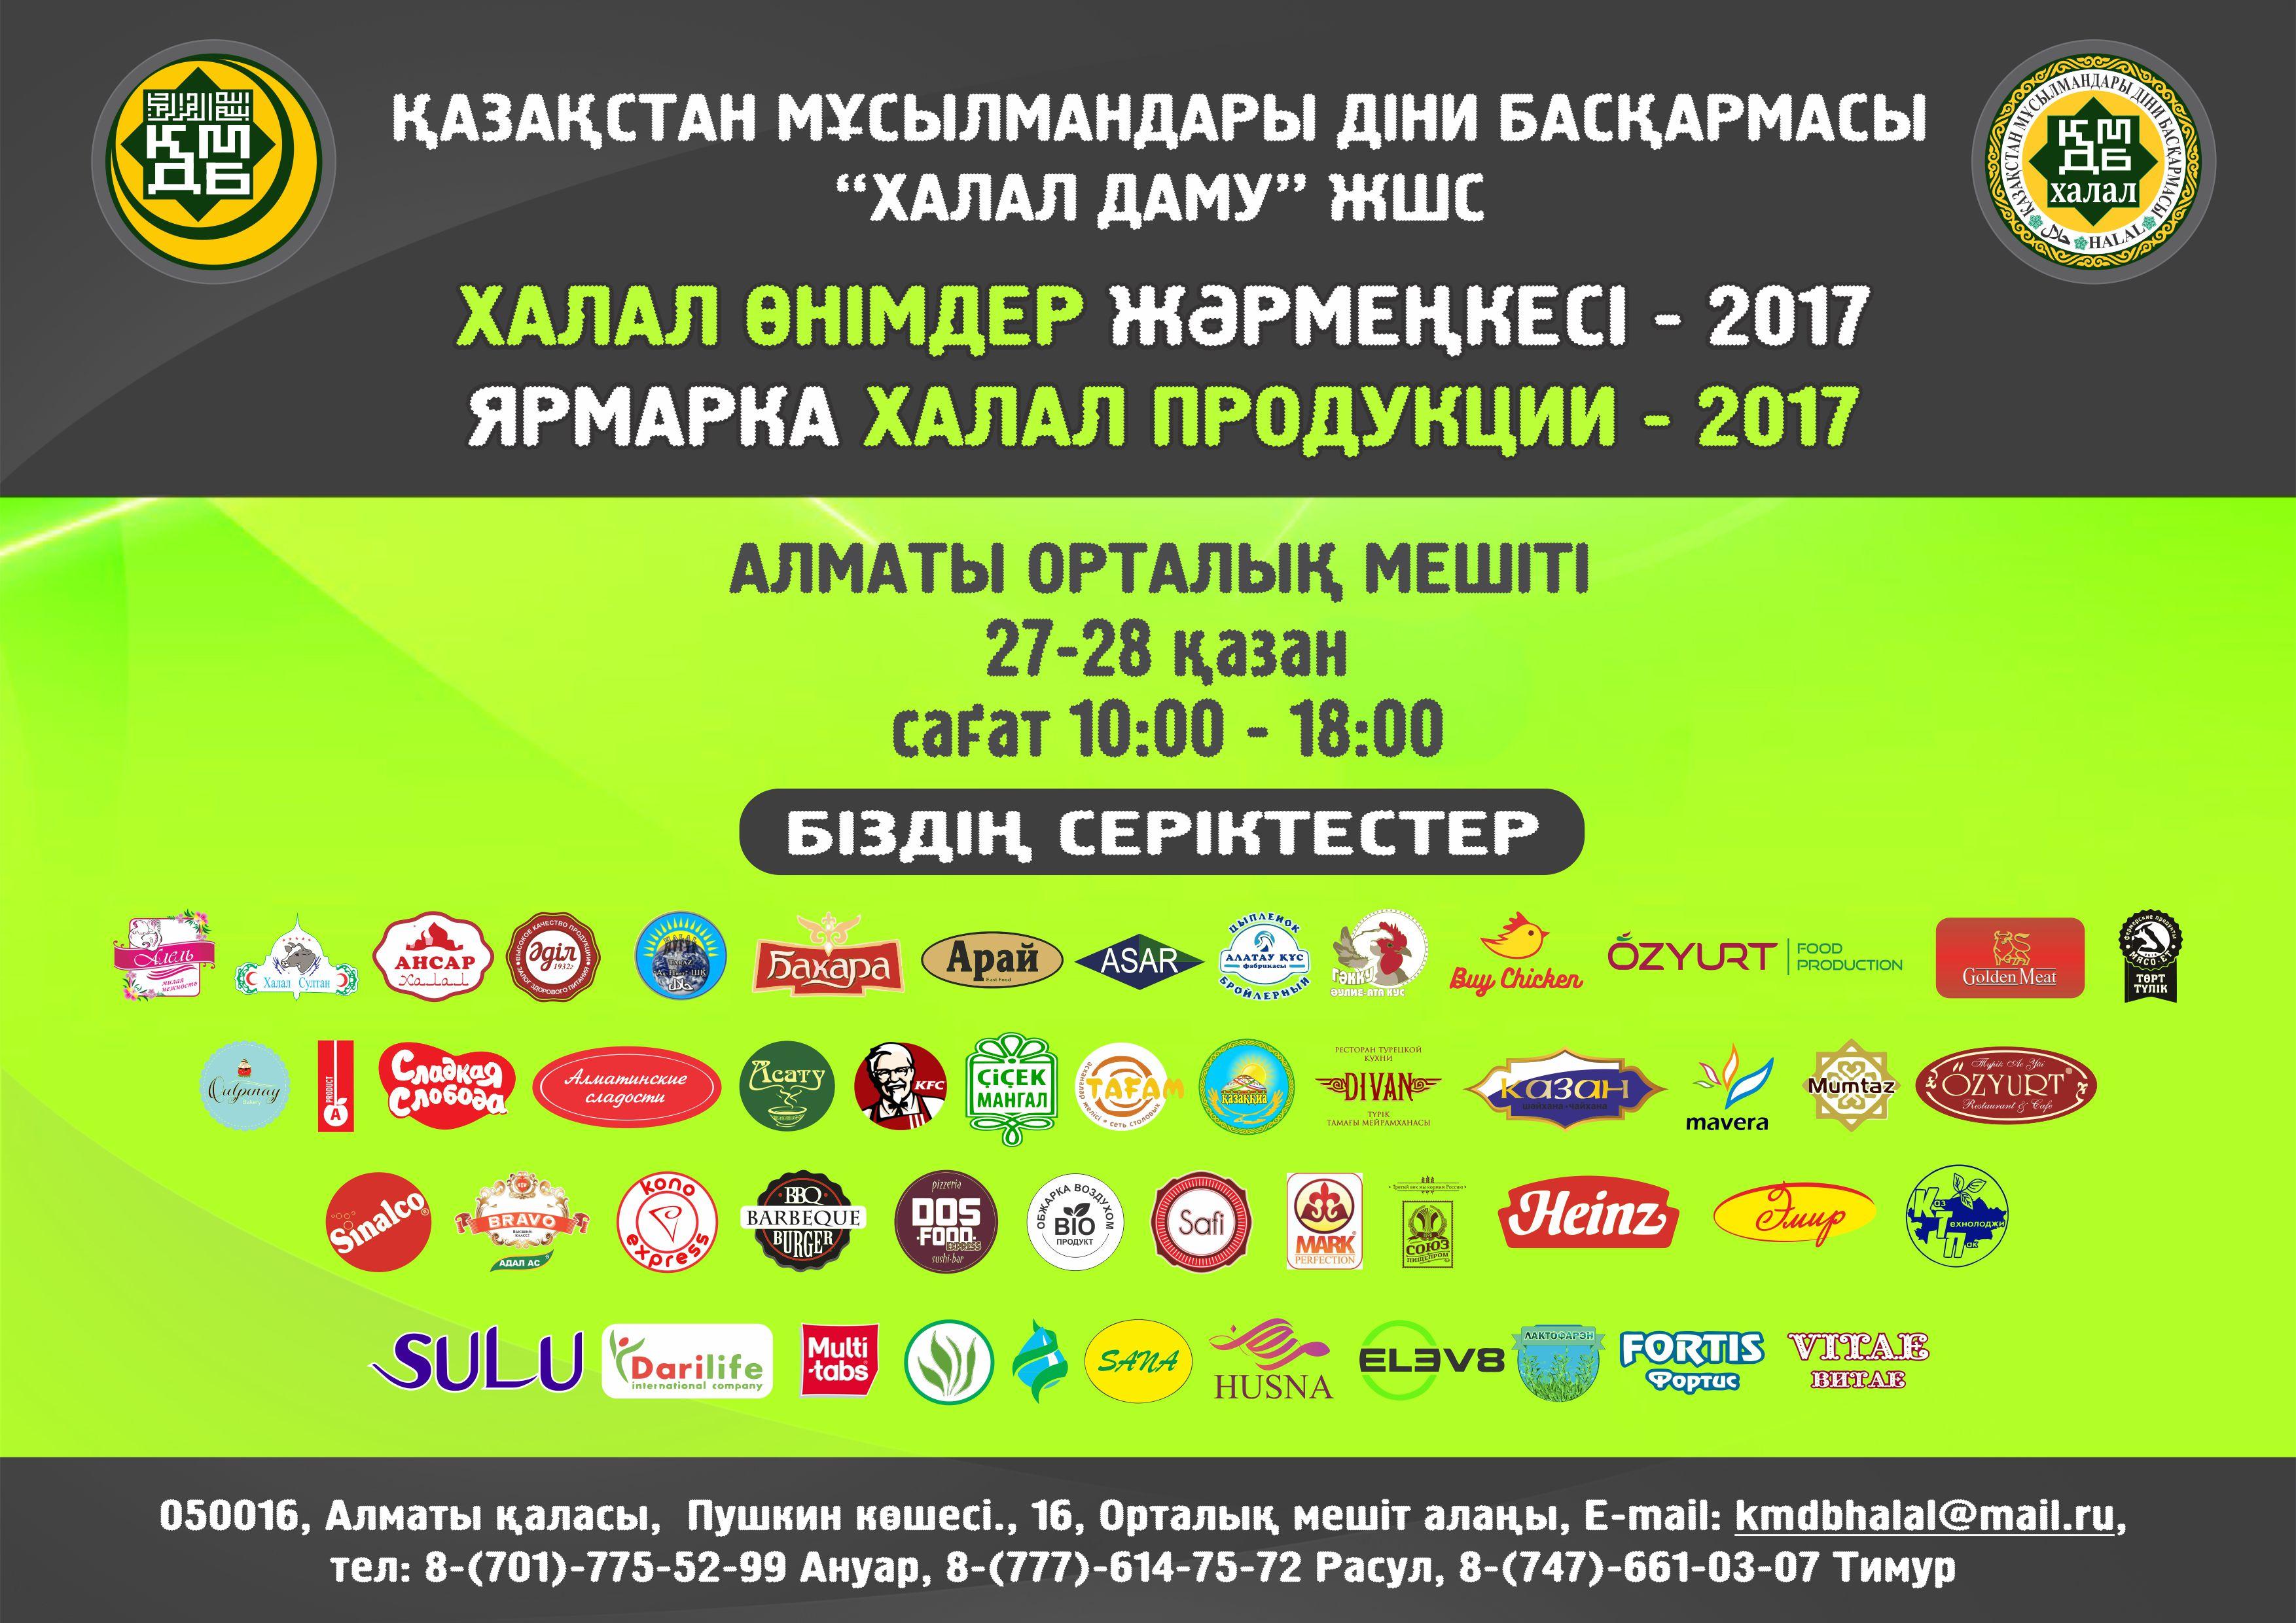 Халал Ярмарка Алматы 2017